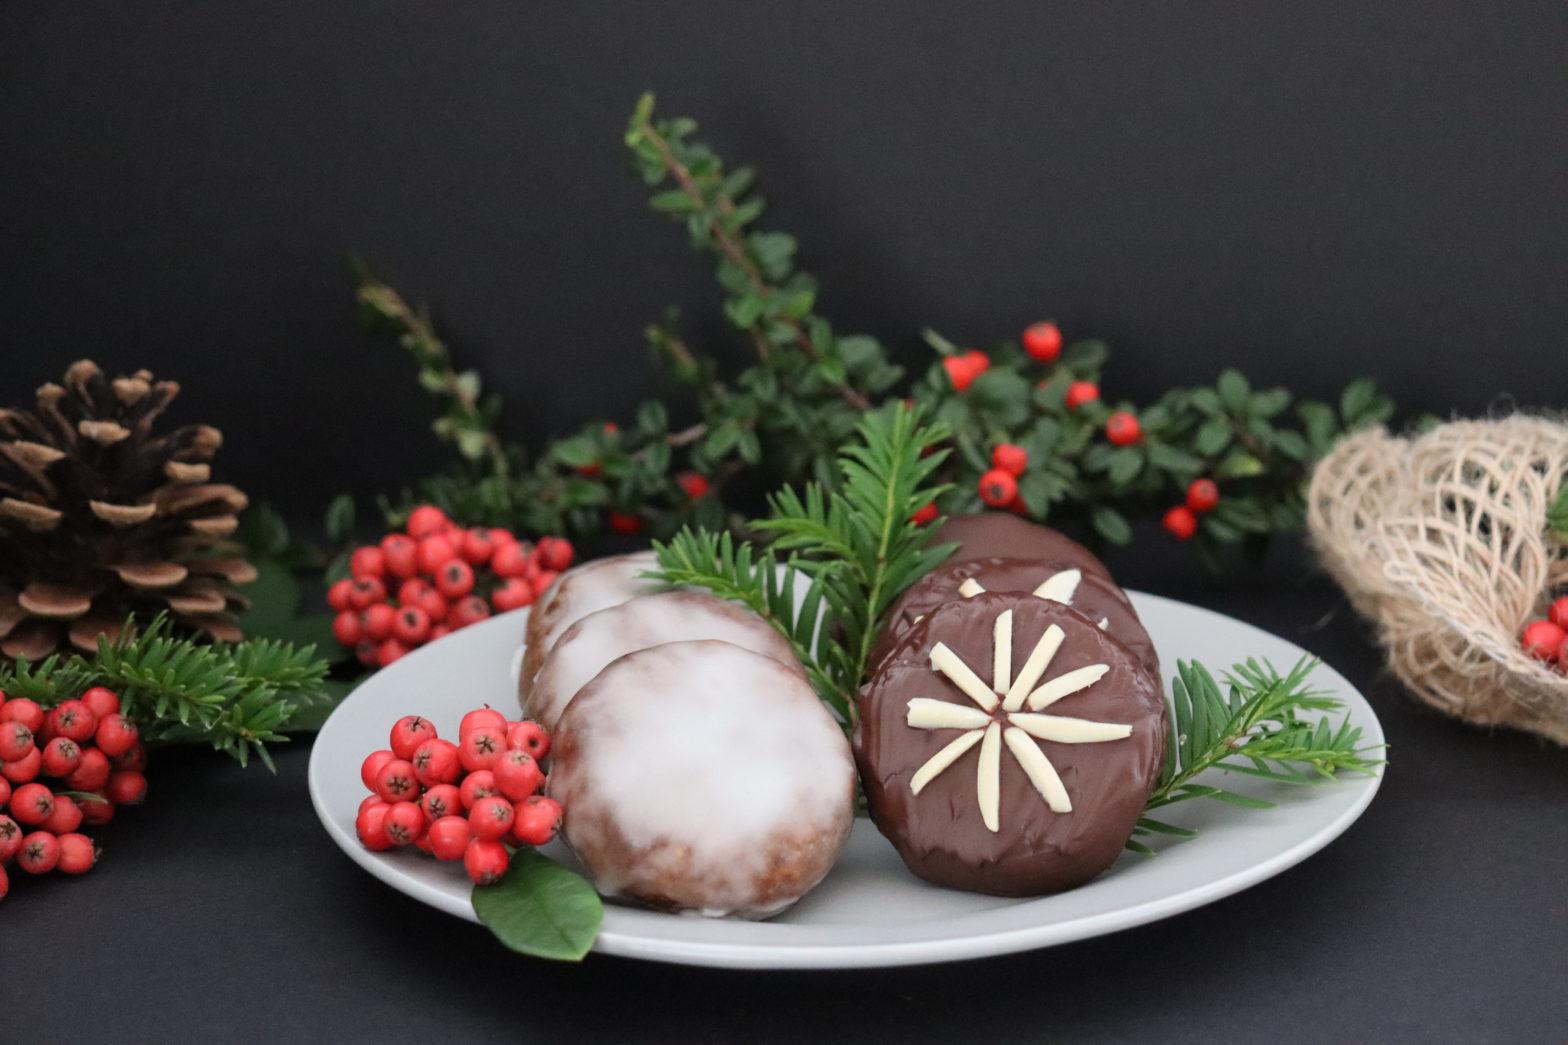 Teller mit Lebkuchen und grün-rote Weihnachtsdekoration